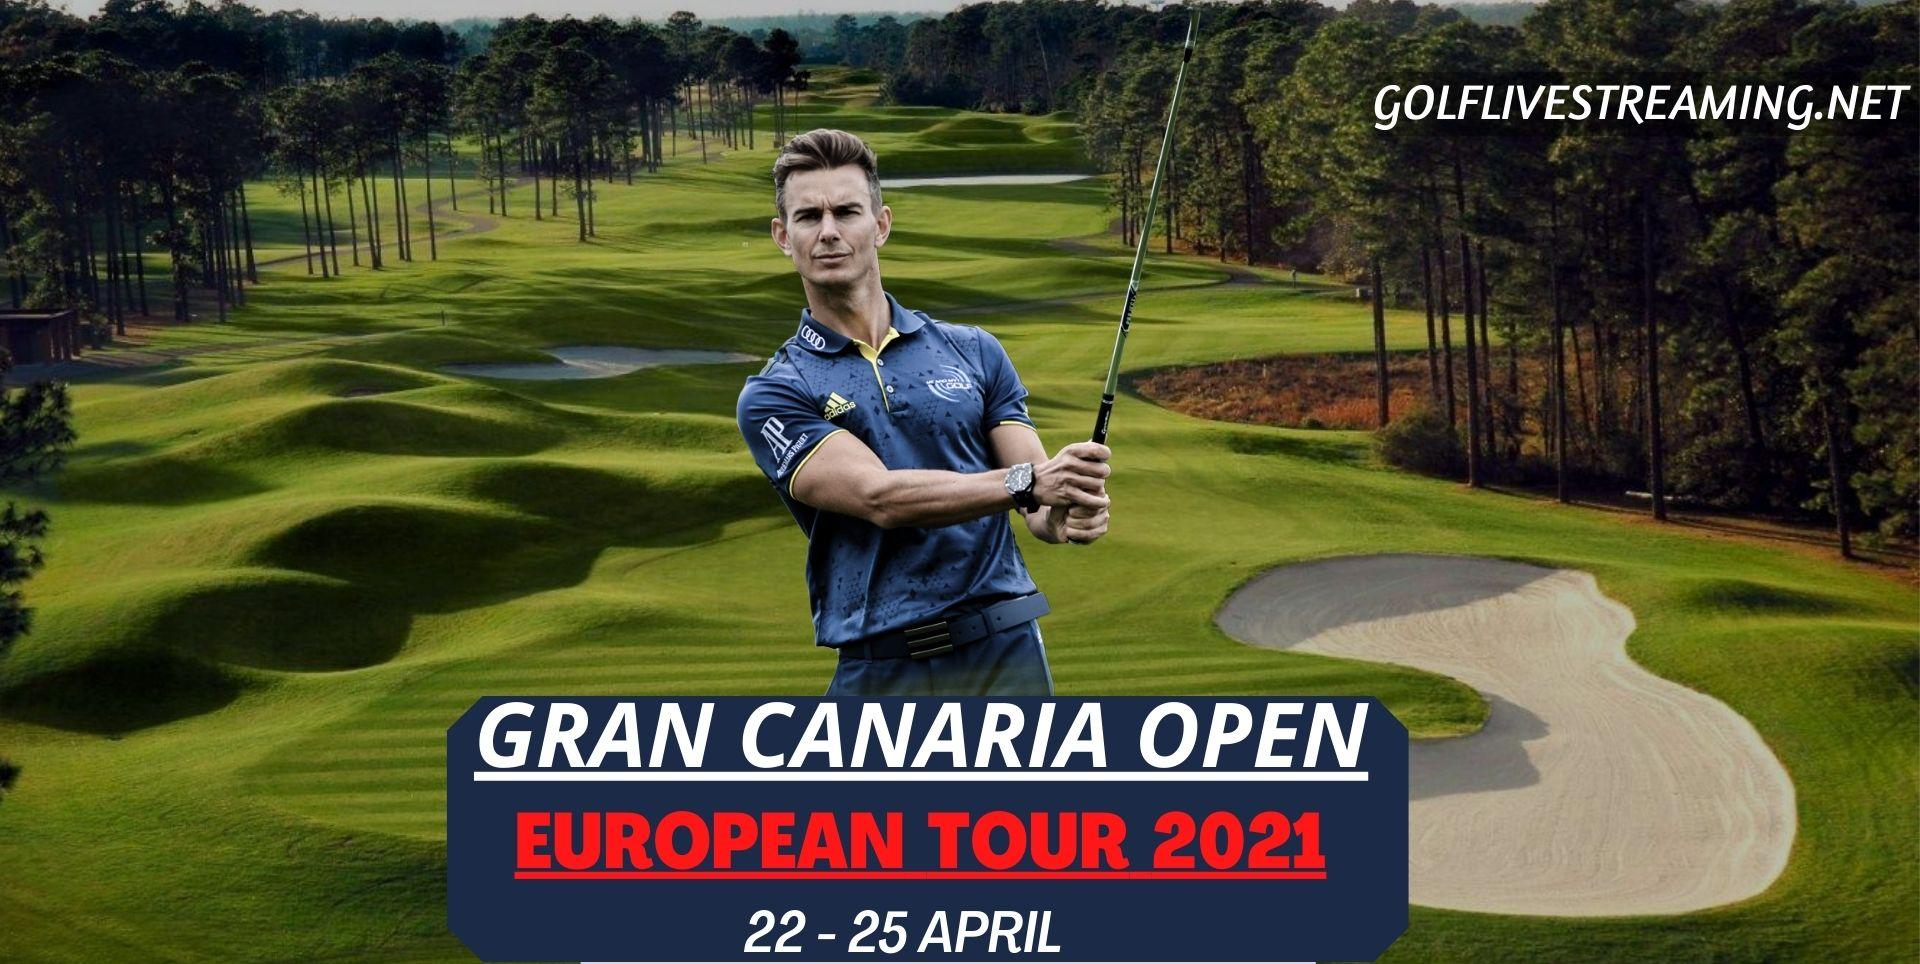 Gran Canaria Open Golf Live Stream